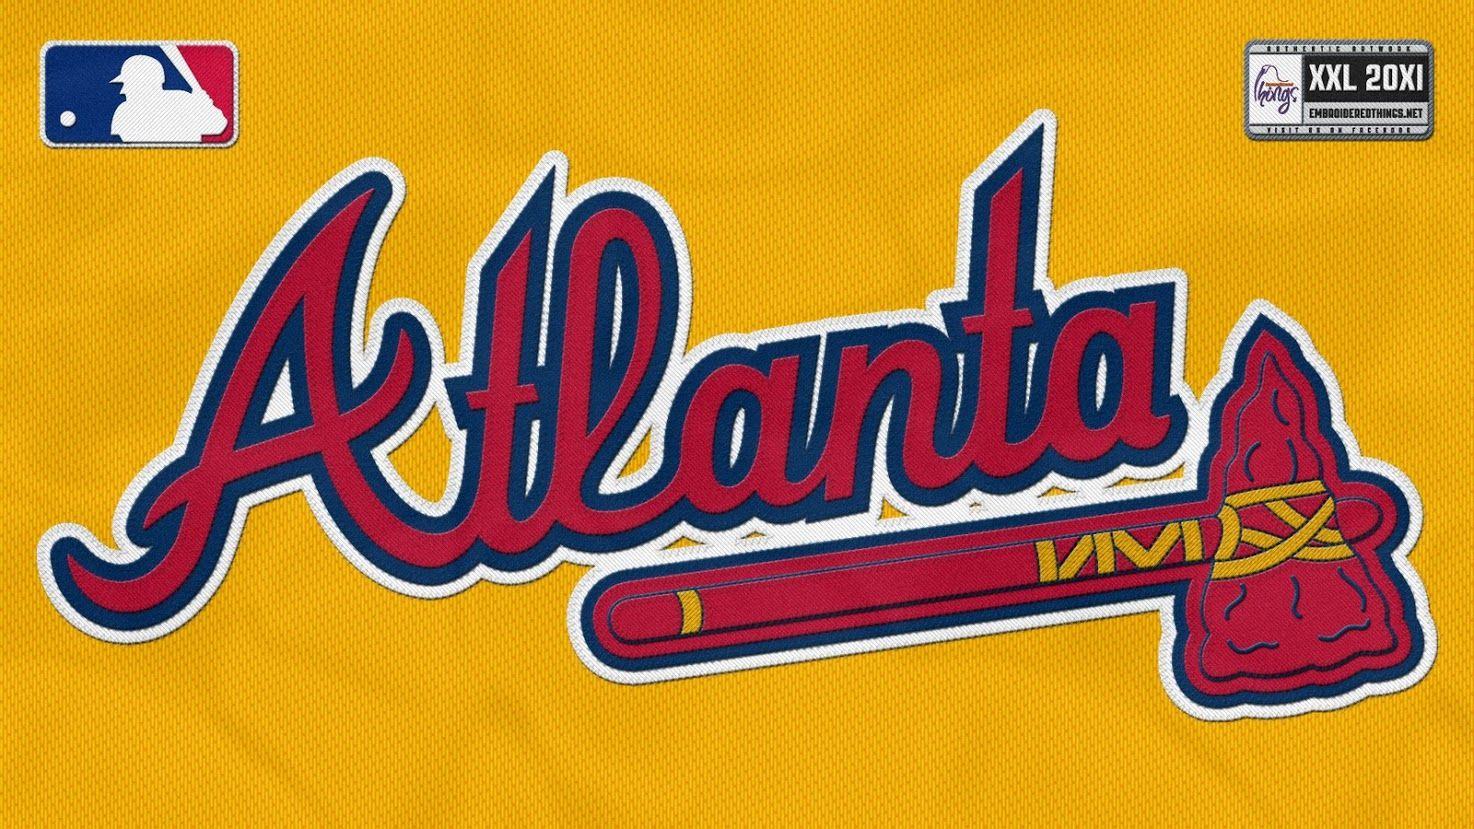 Atlanta Braves logo Atlanta braves wallpaper, Atlanta